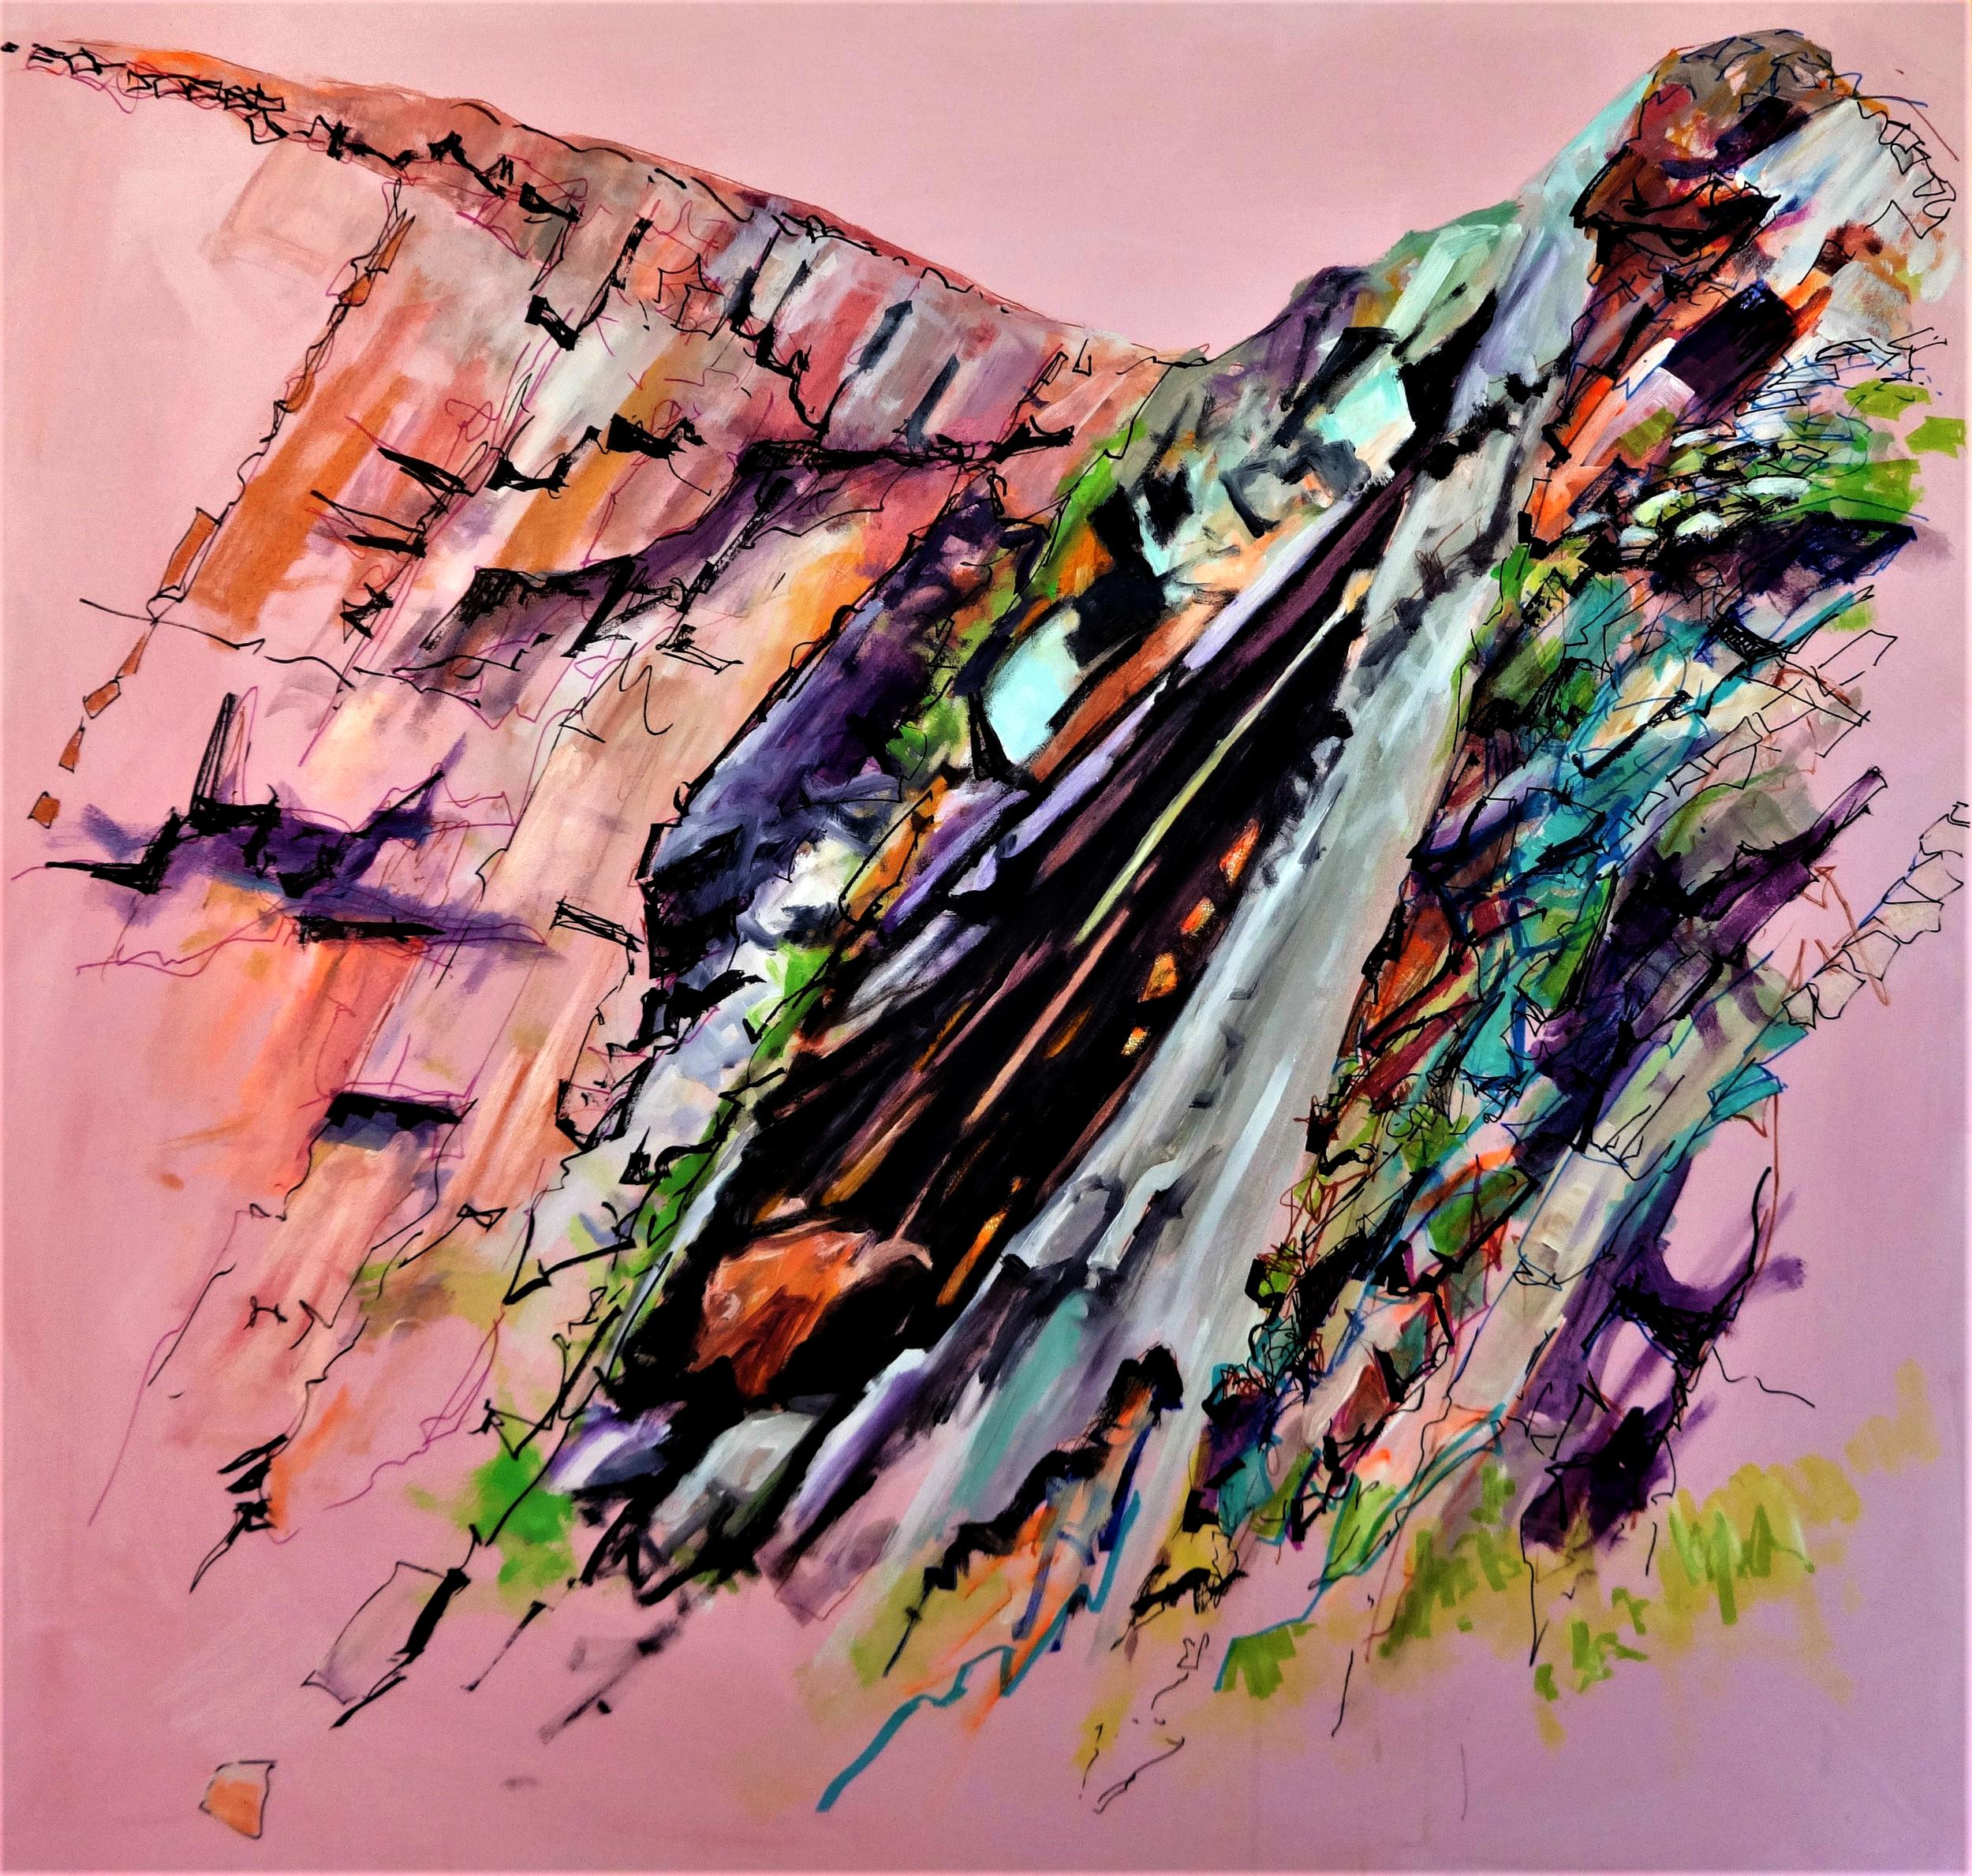 Abereiddi Blue Lagoon | 2016 Mixed media on canvas 97 x 91 cm